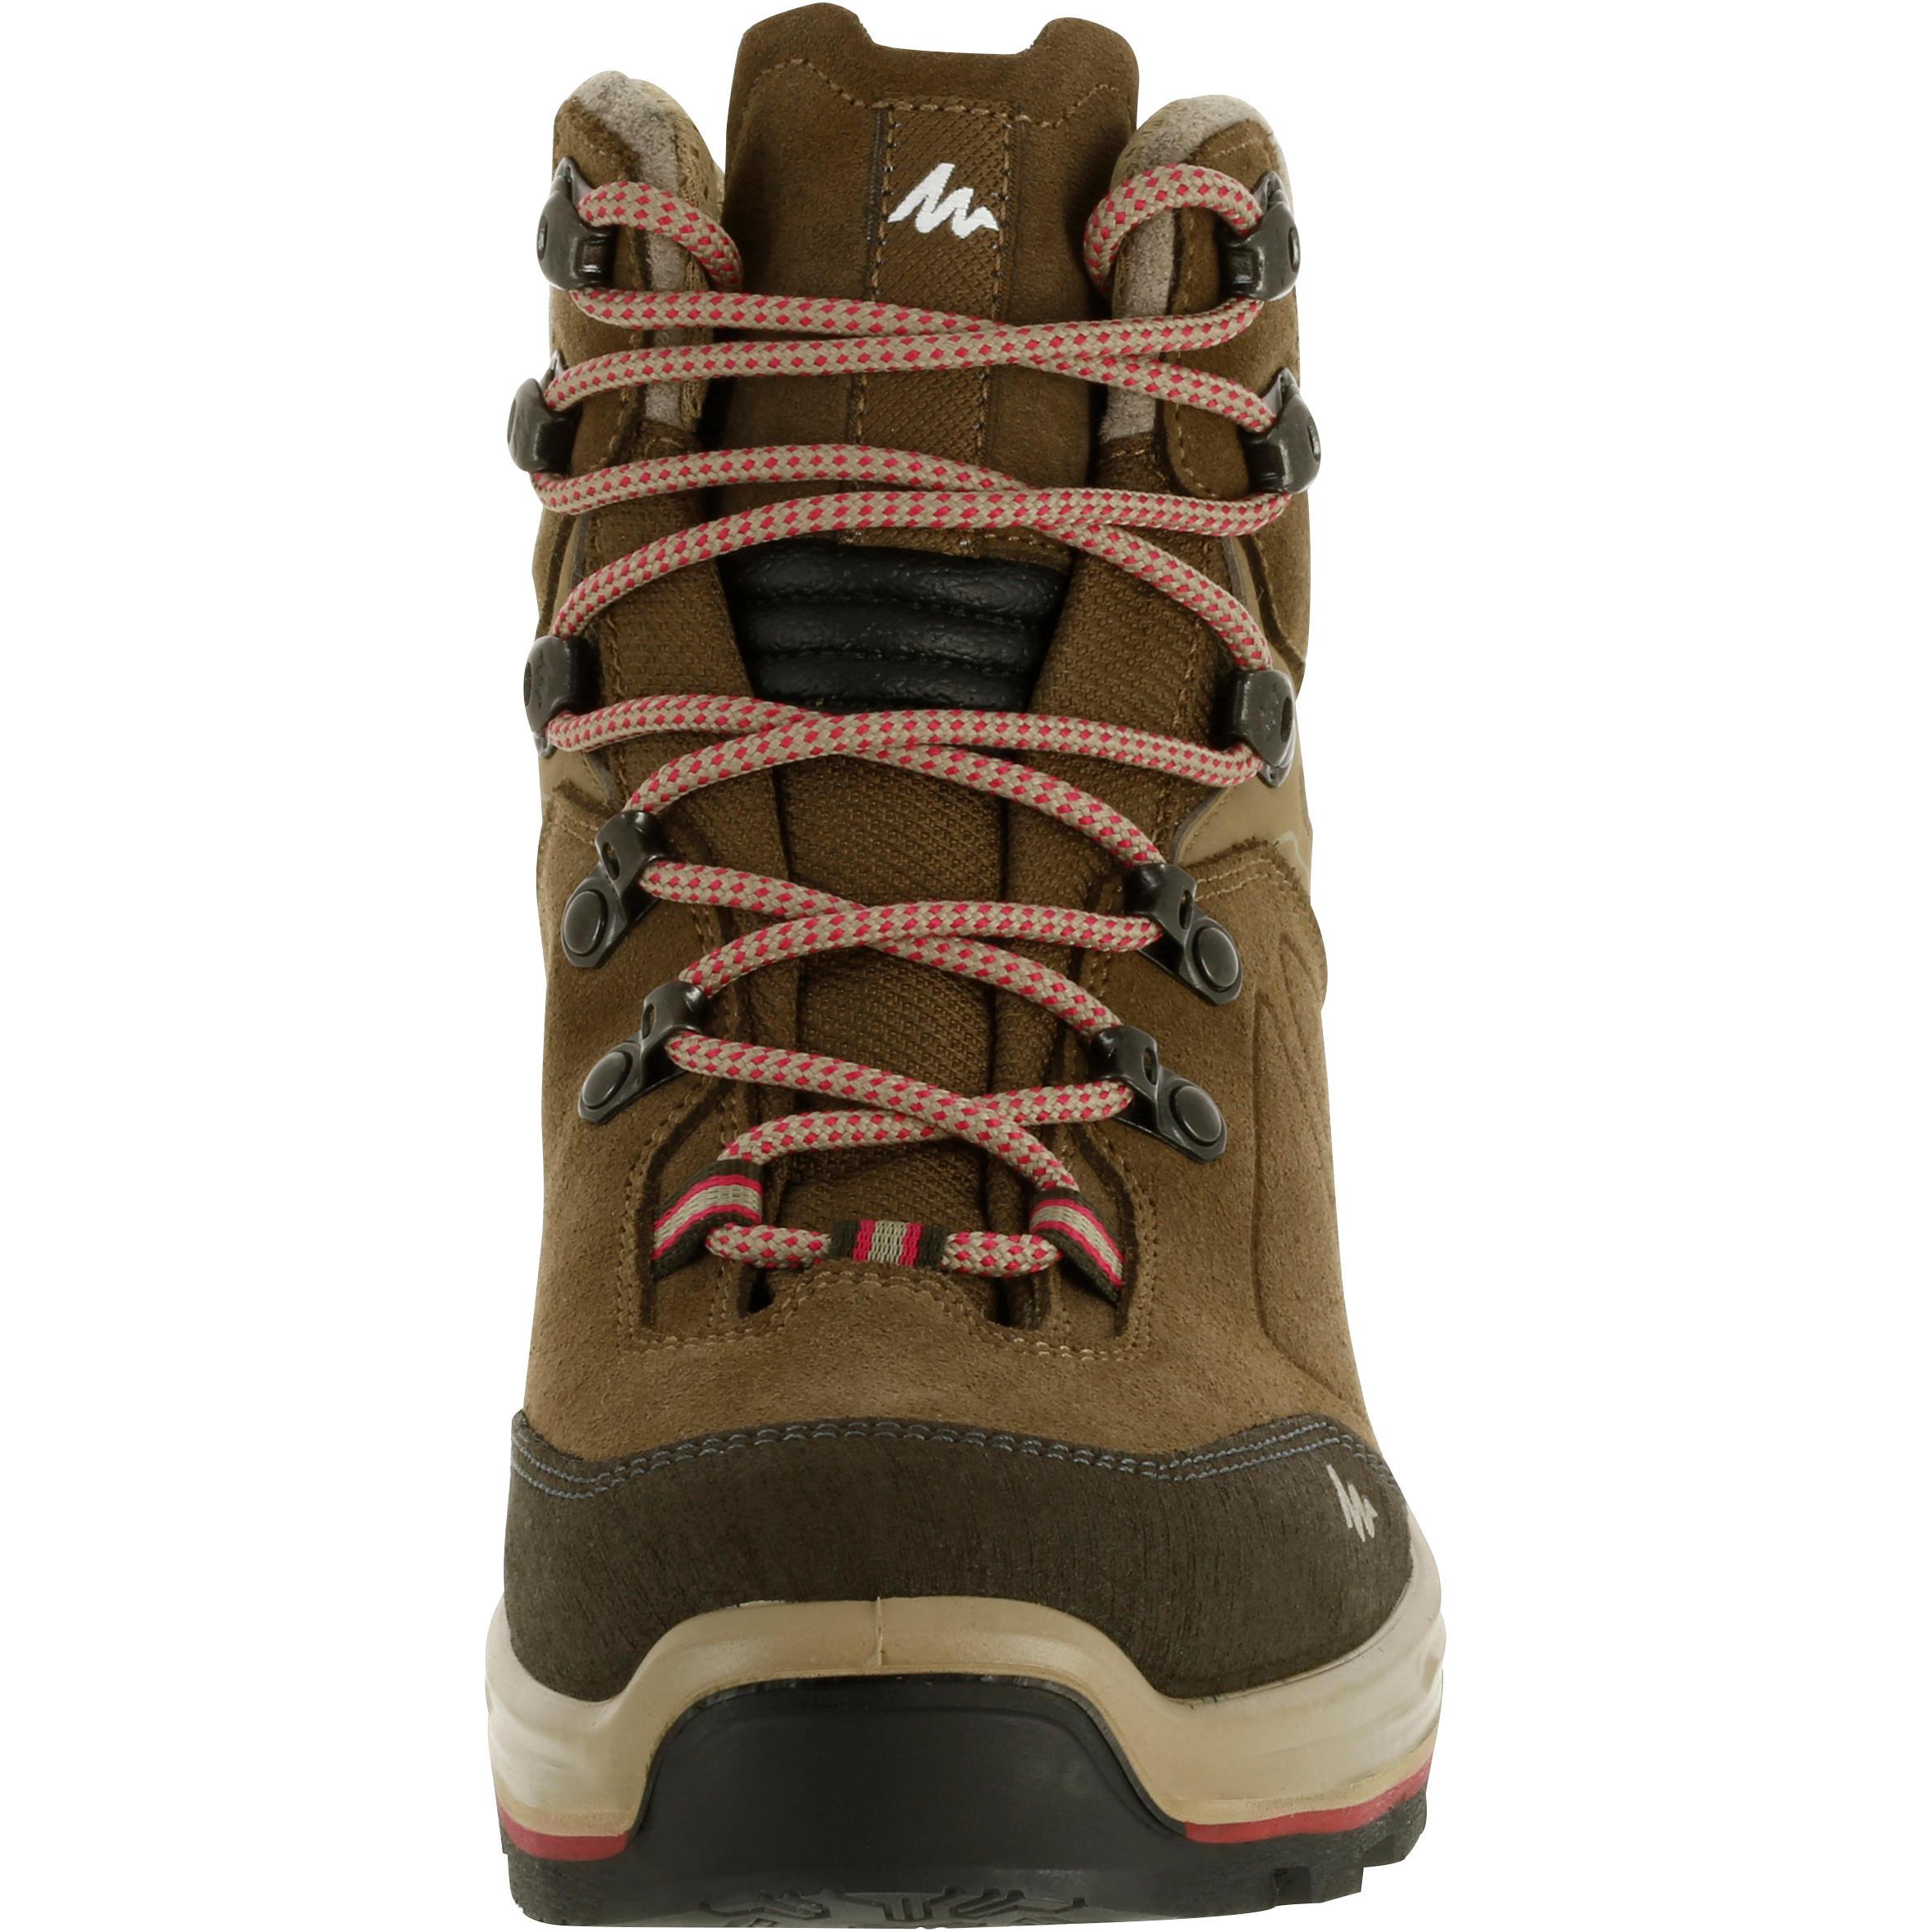 Women's TREK 100 Trekking Shoes